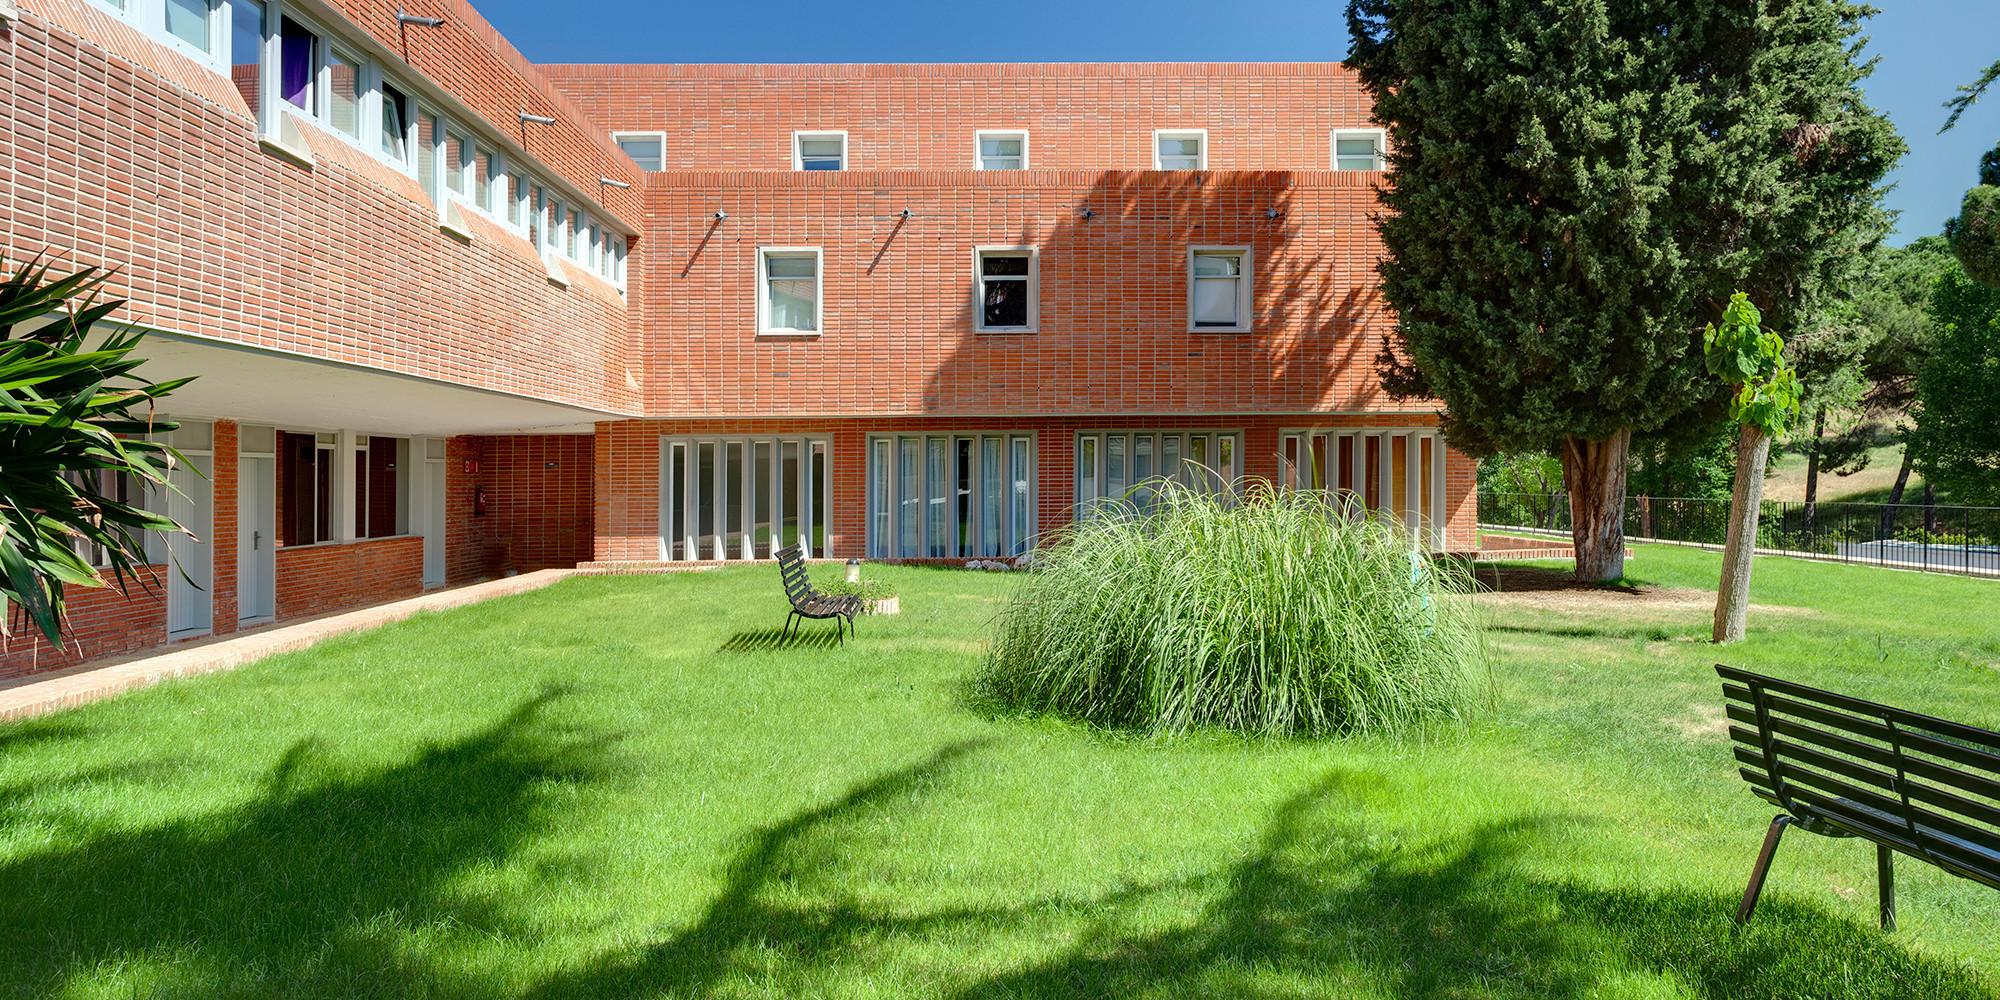 Campamento de Verano Urbano en Inglés Colegio Mayor Aquinas (Ciudad Universitaria)